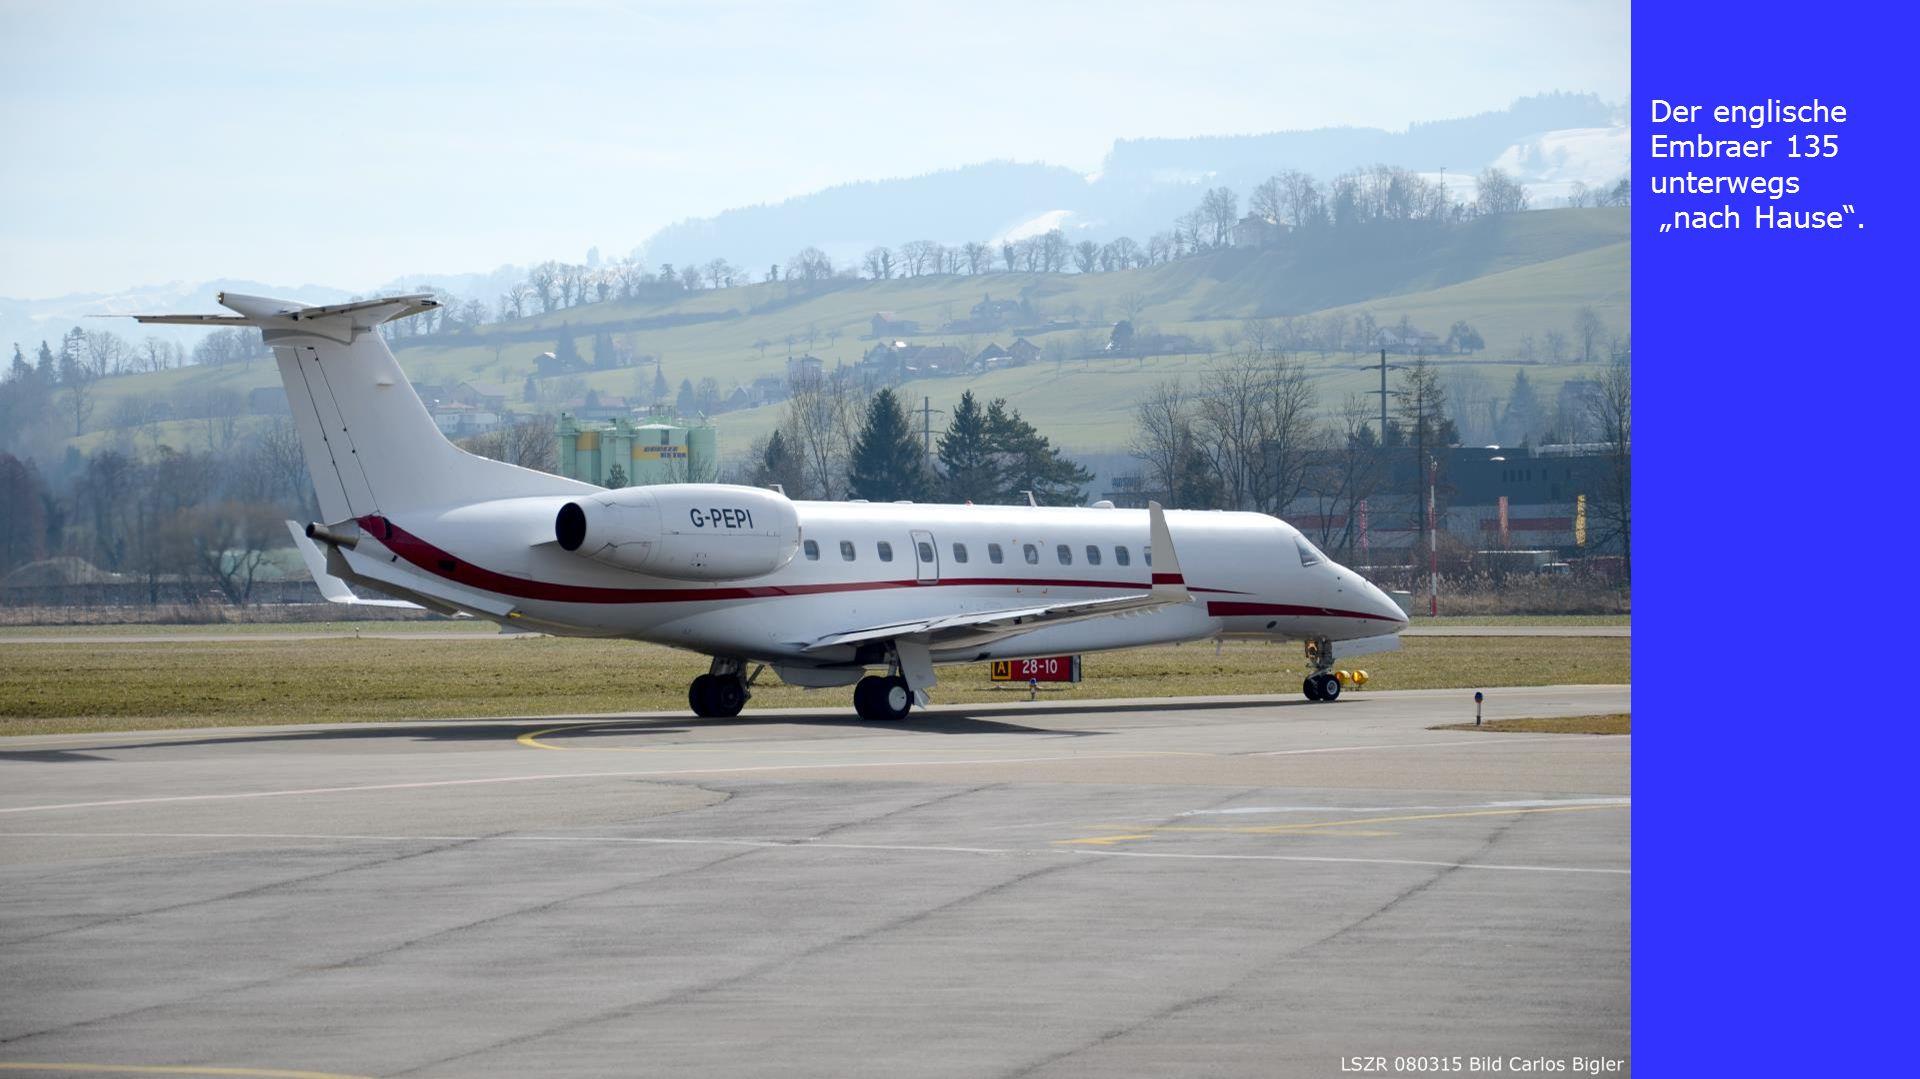 """Der englische Embraer 135 unterwegs """"nach Hause""""."""